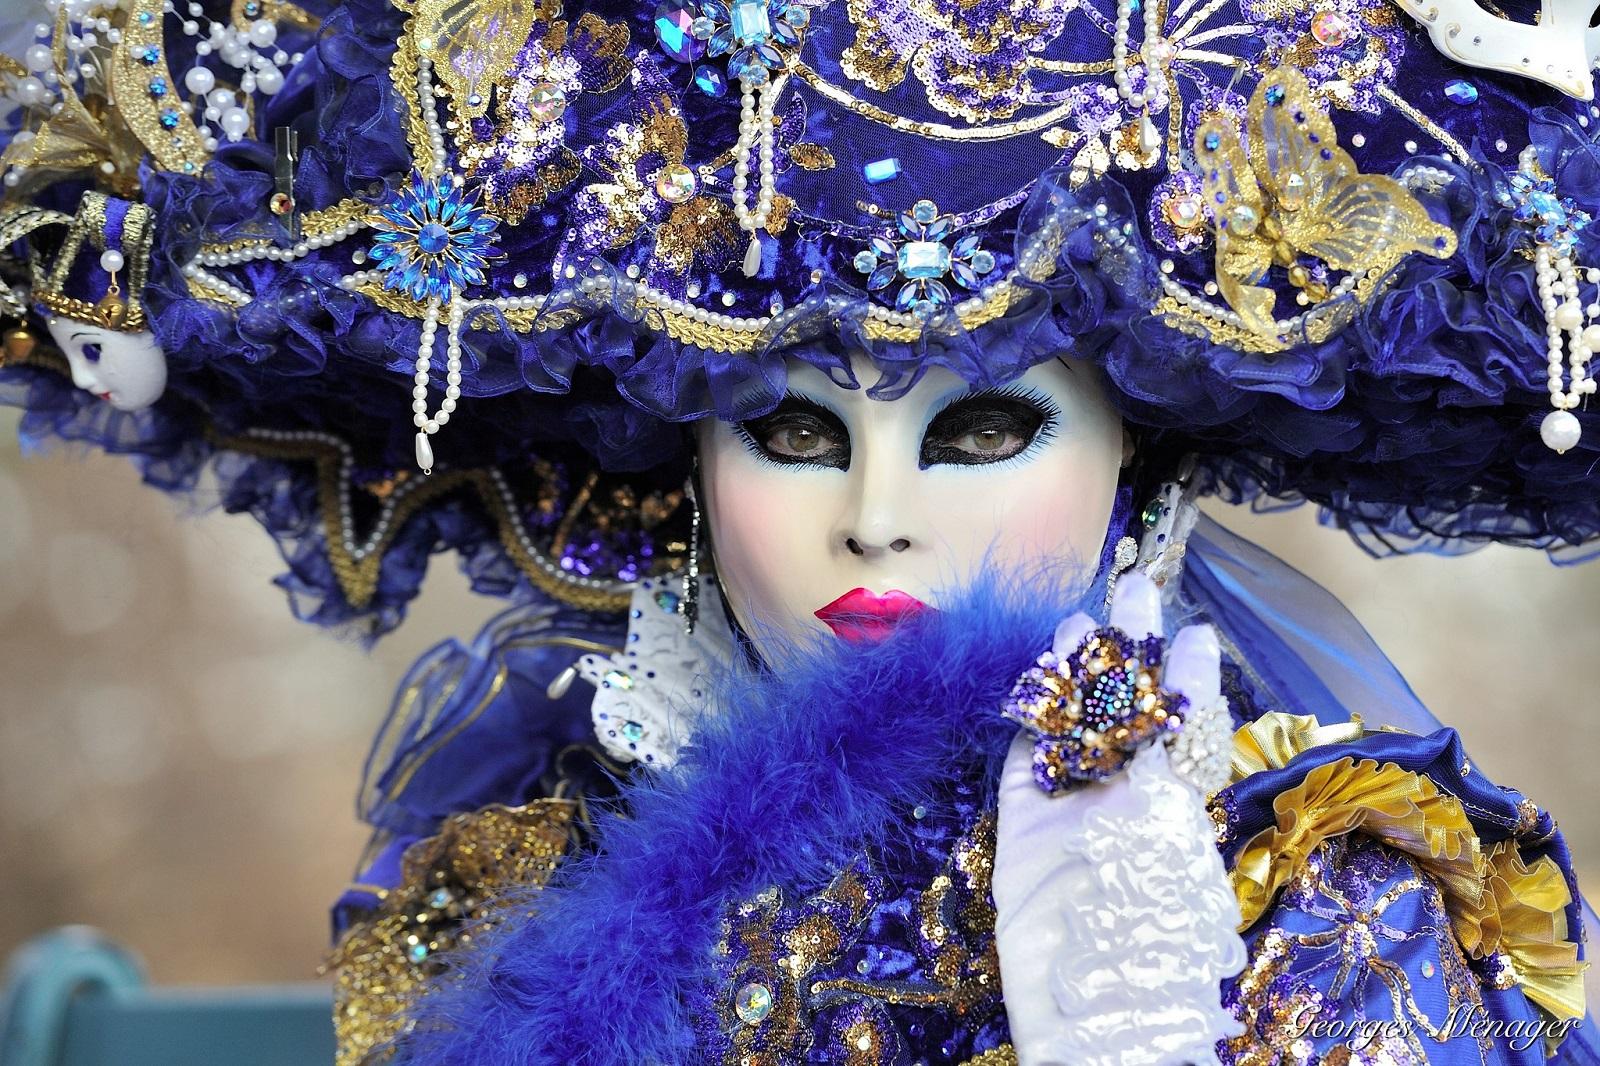 Italia, Venetsian karnevaalit. Kuva: Flickr/Georges Ménager.